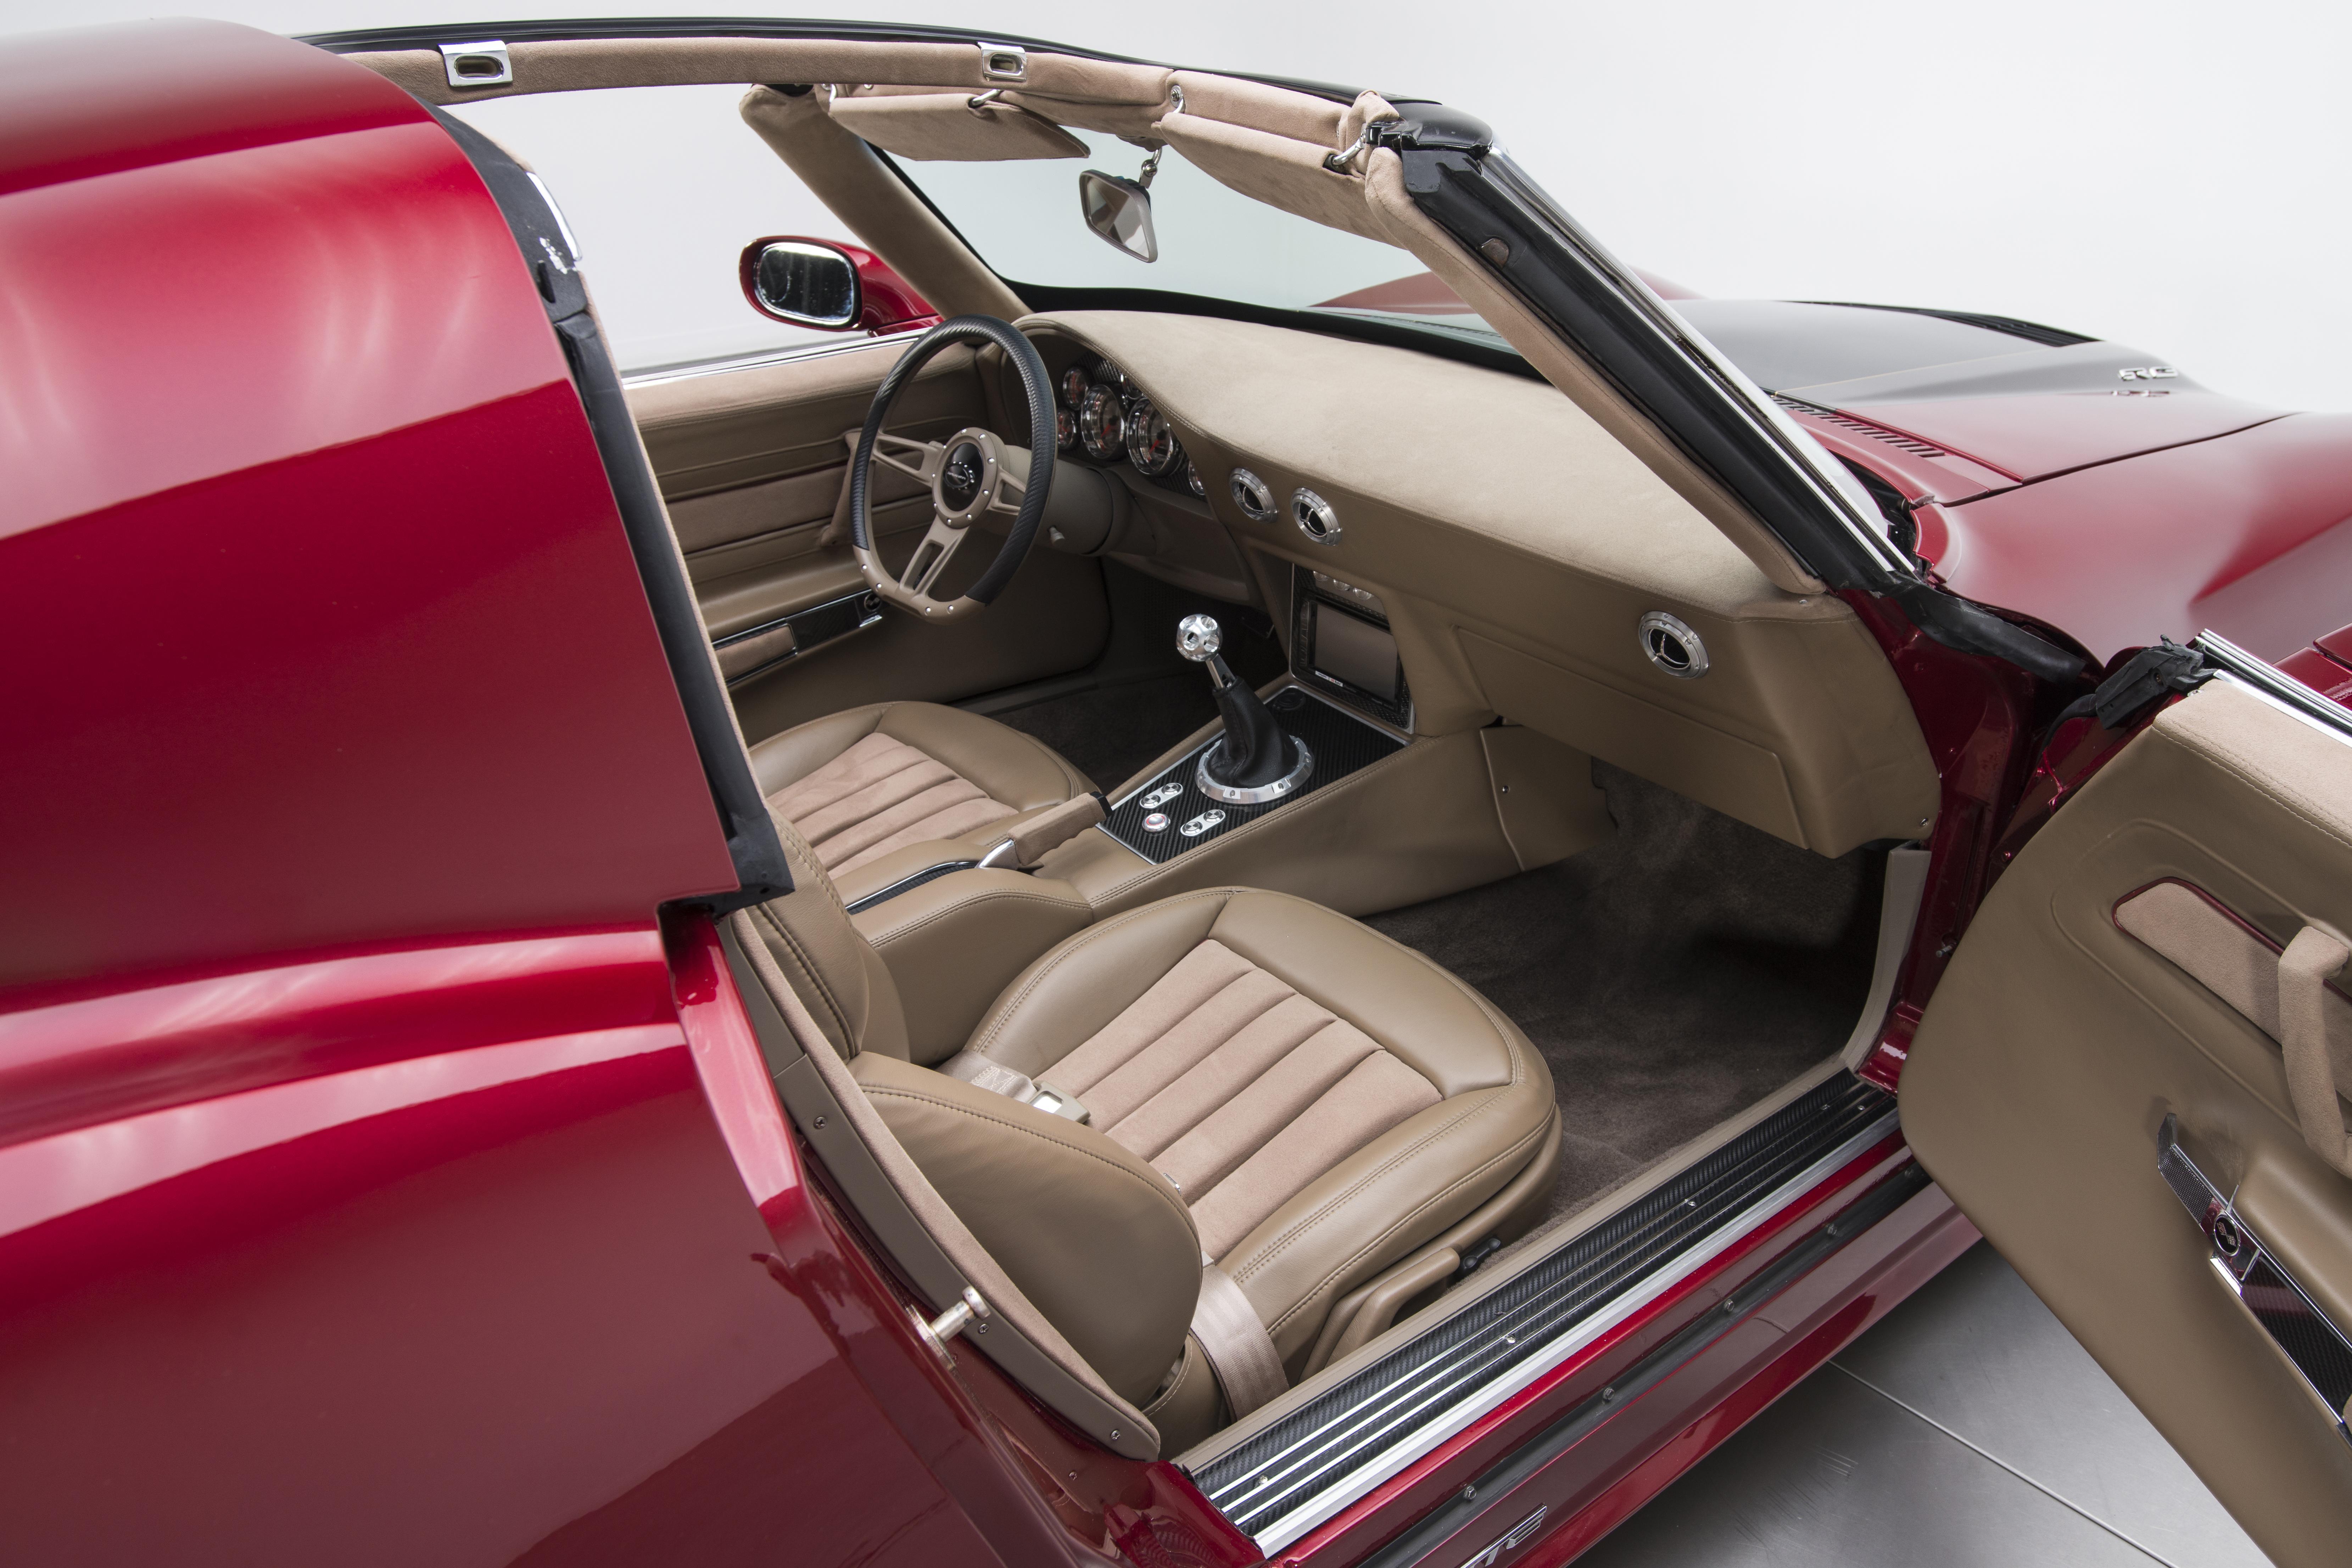 1972 Chevrolet Corvette1972 Chevrolet Corvette #57